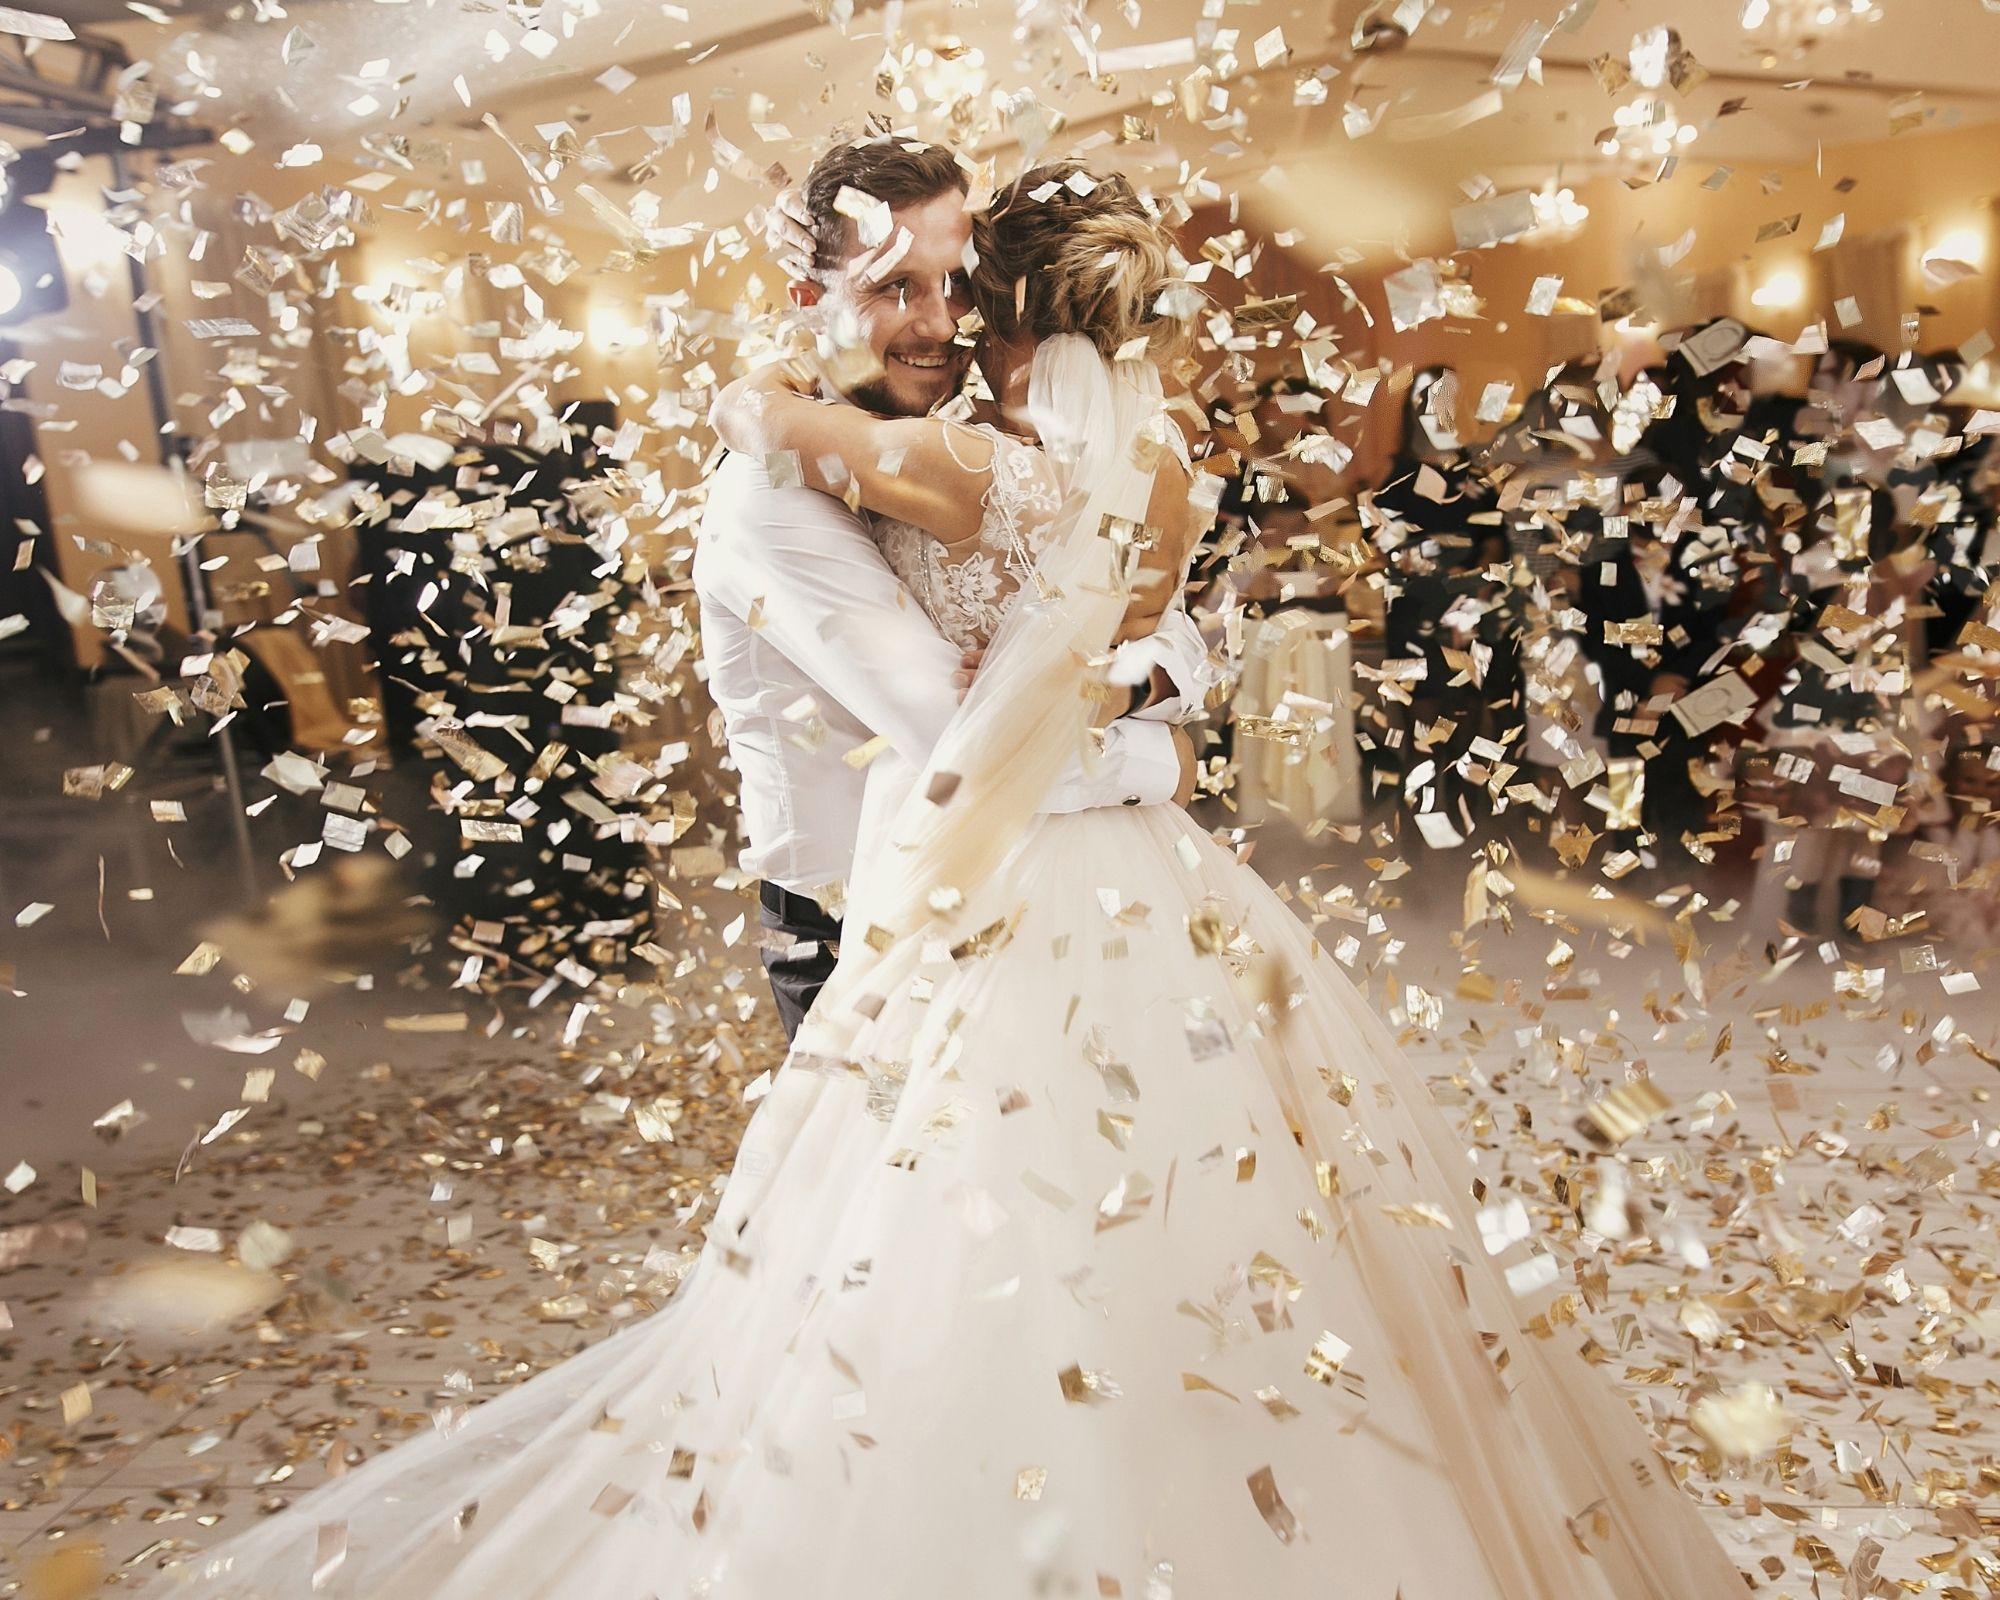 Mariés qui dansent - Les Moments M Wedding Planner Lyon